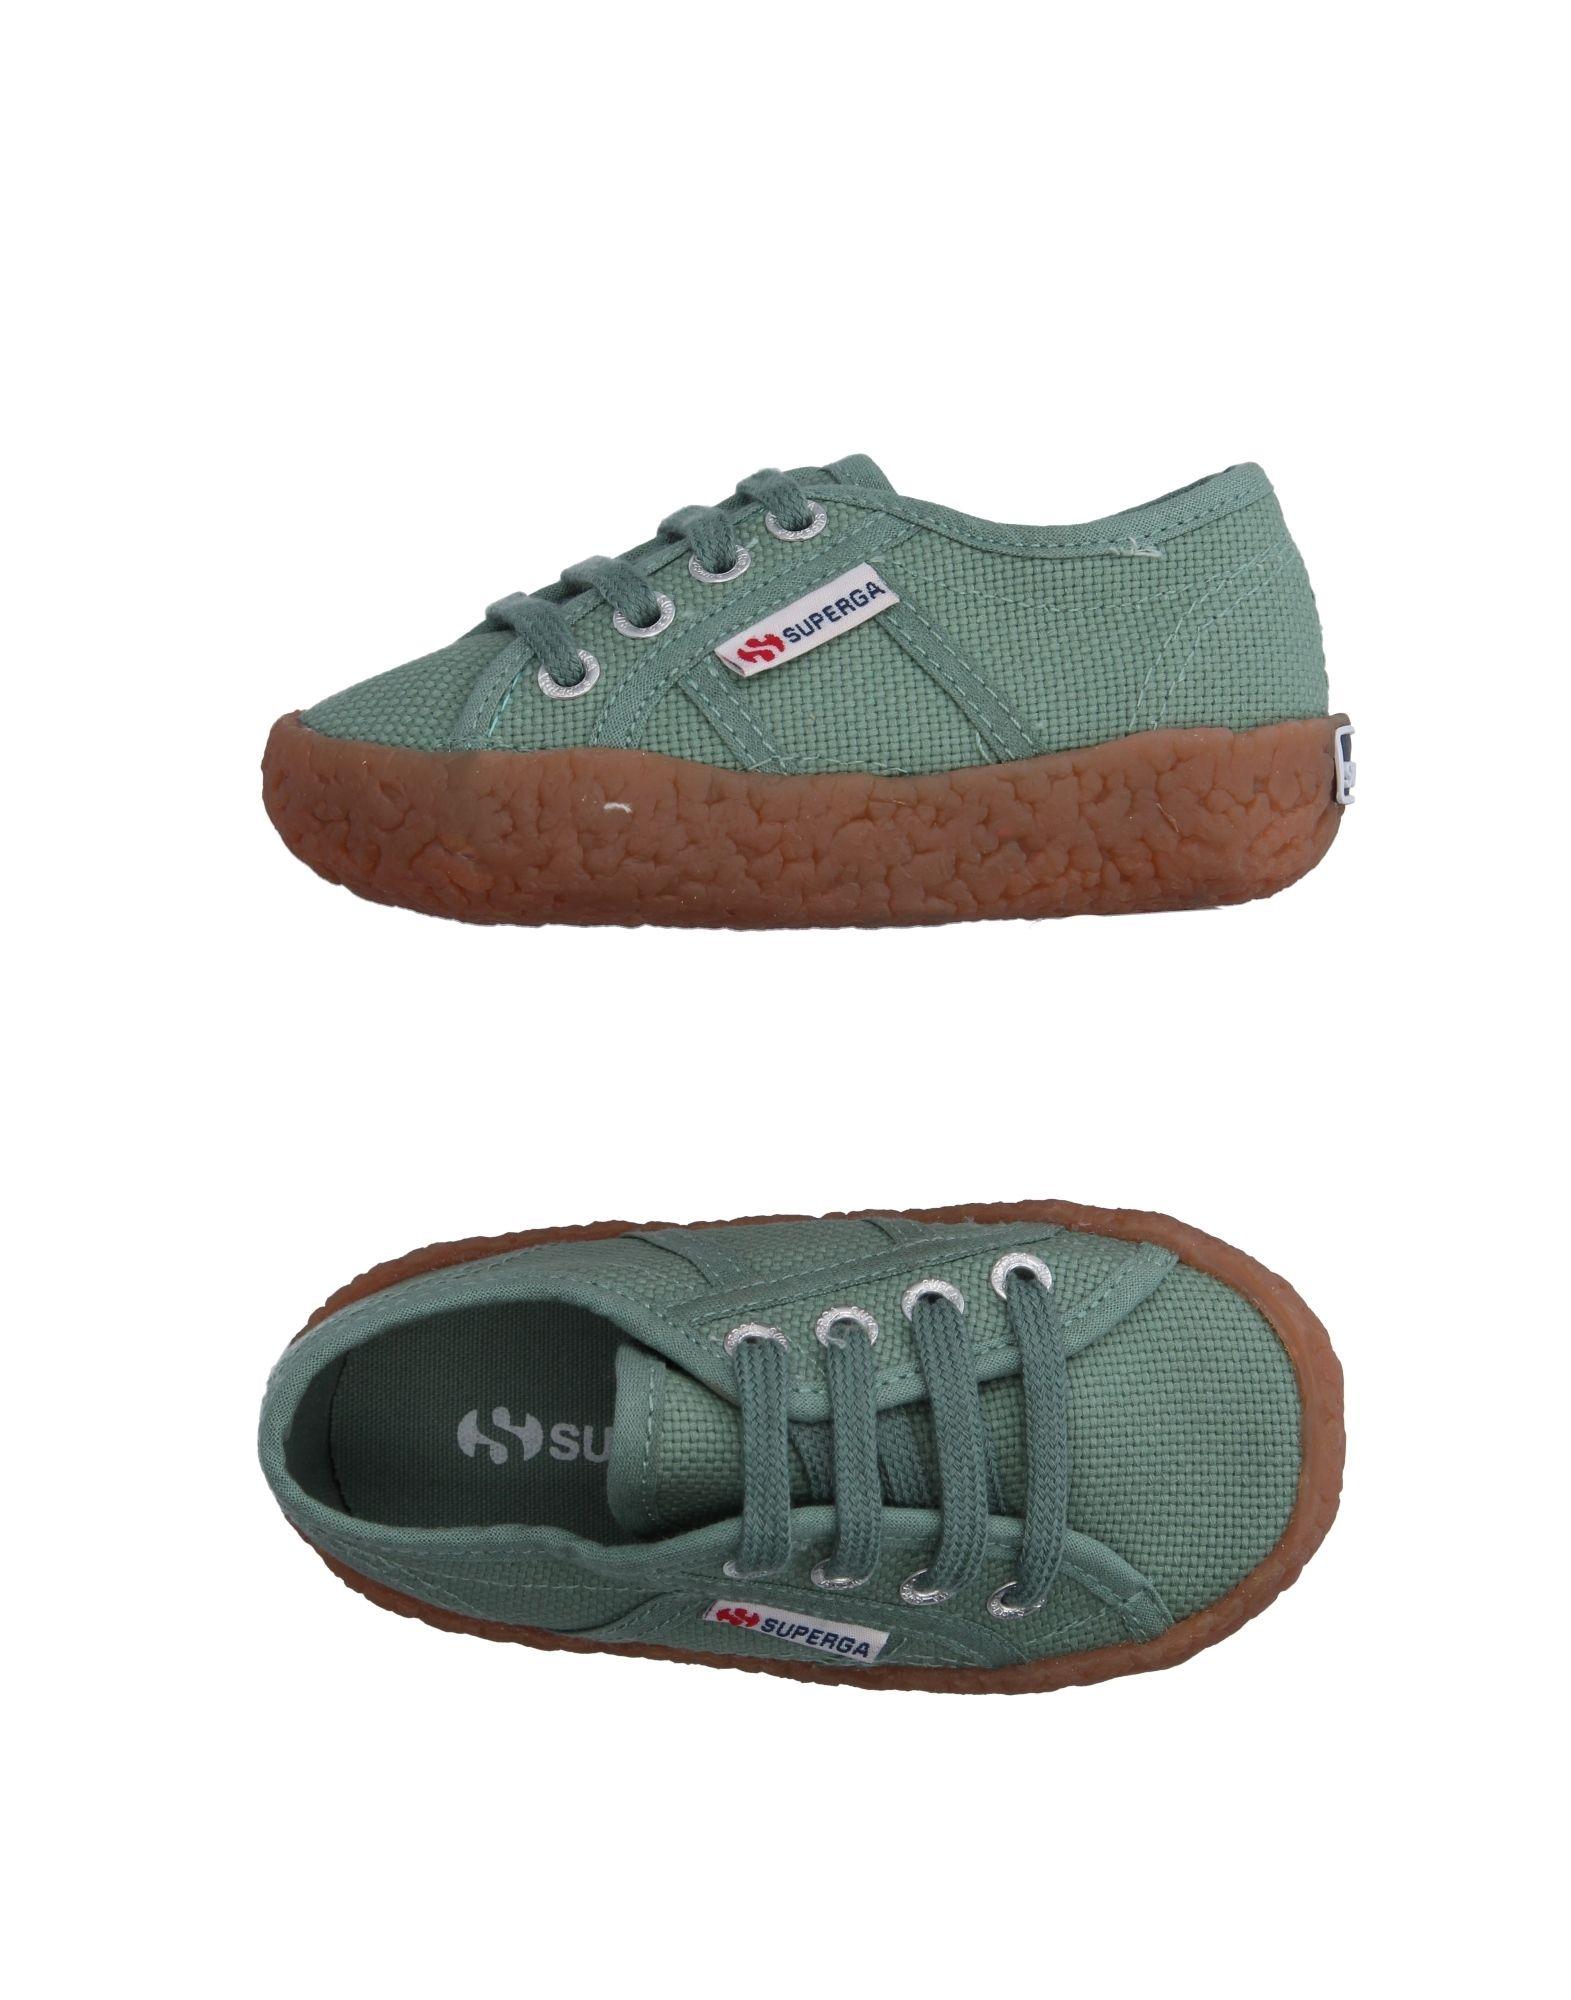 Superga Sneakers ® SNEAKERS